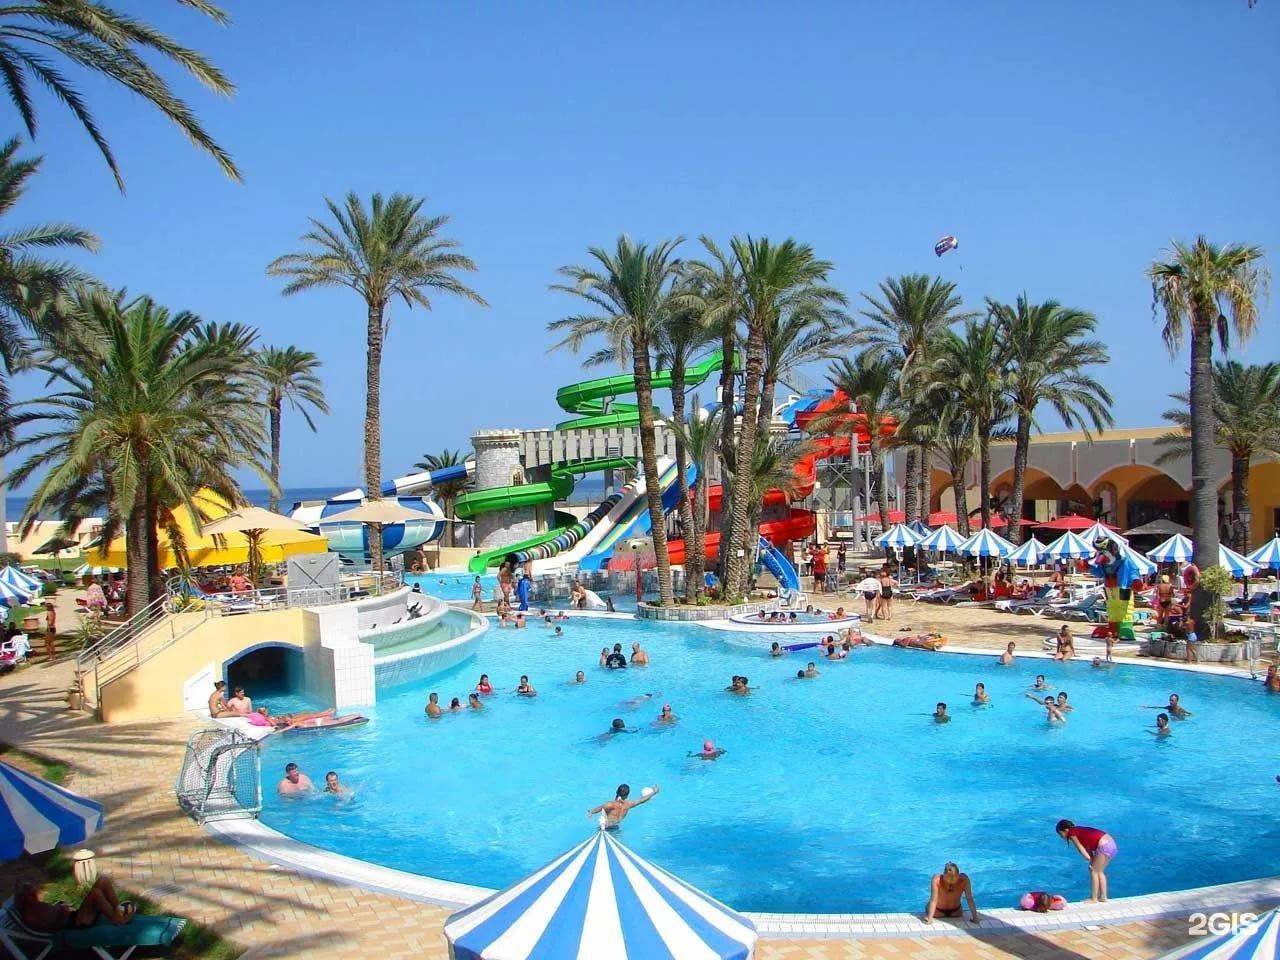 туры в тунис 2017 цены все включено